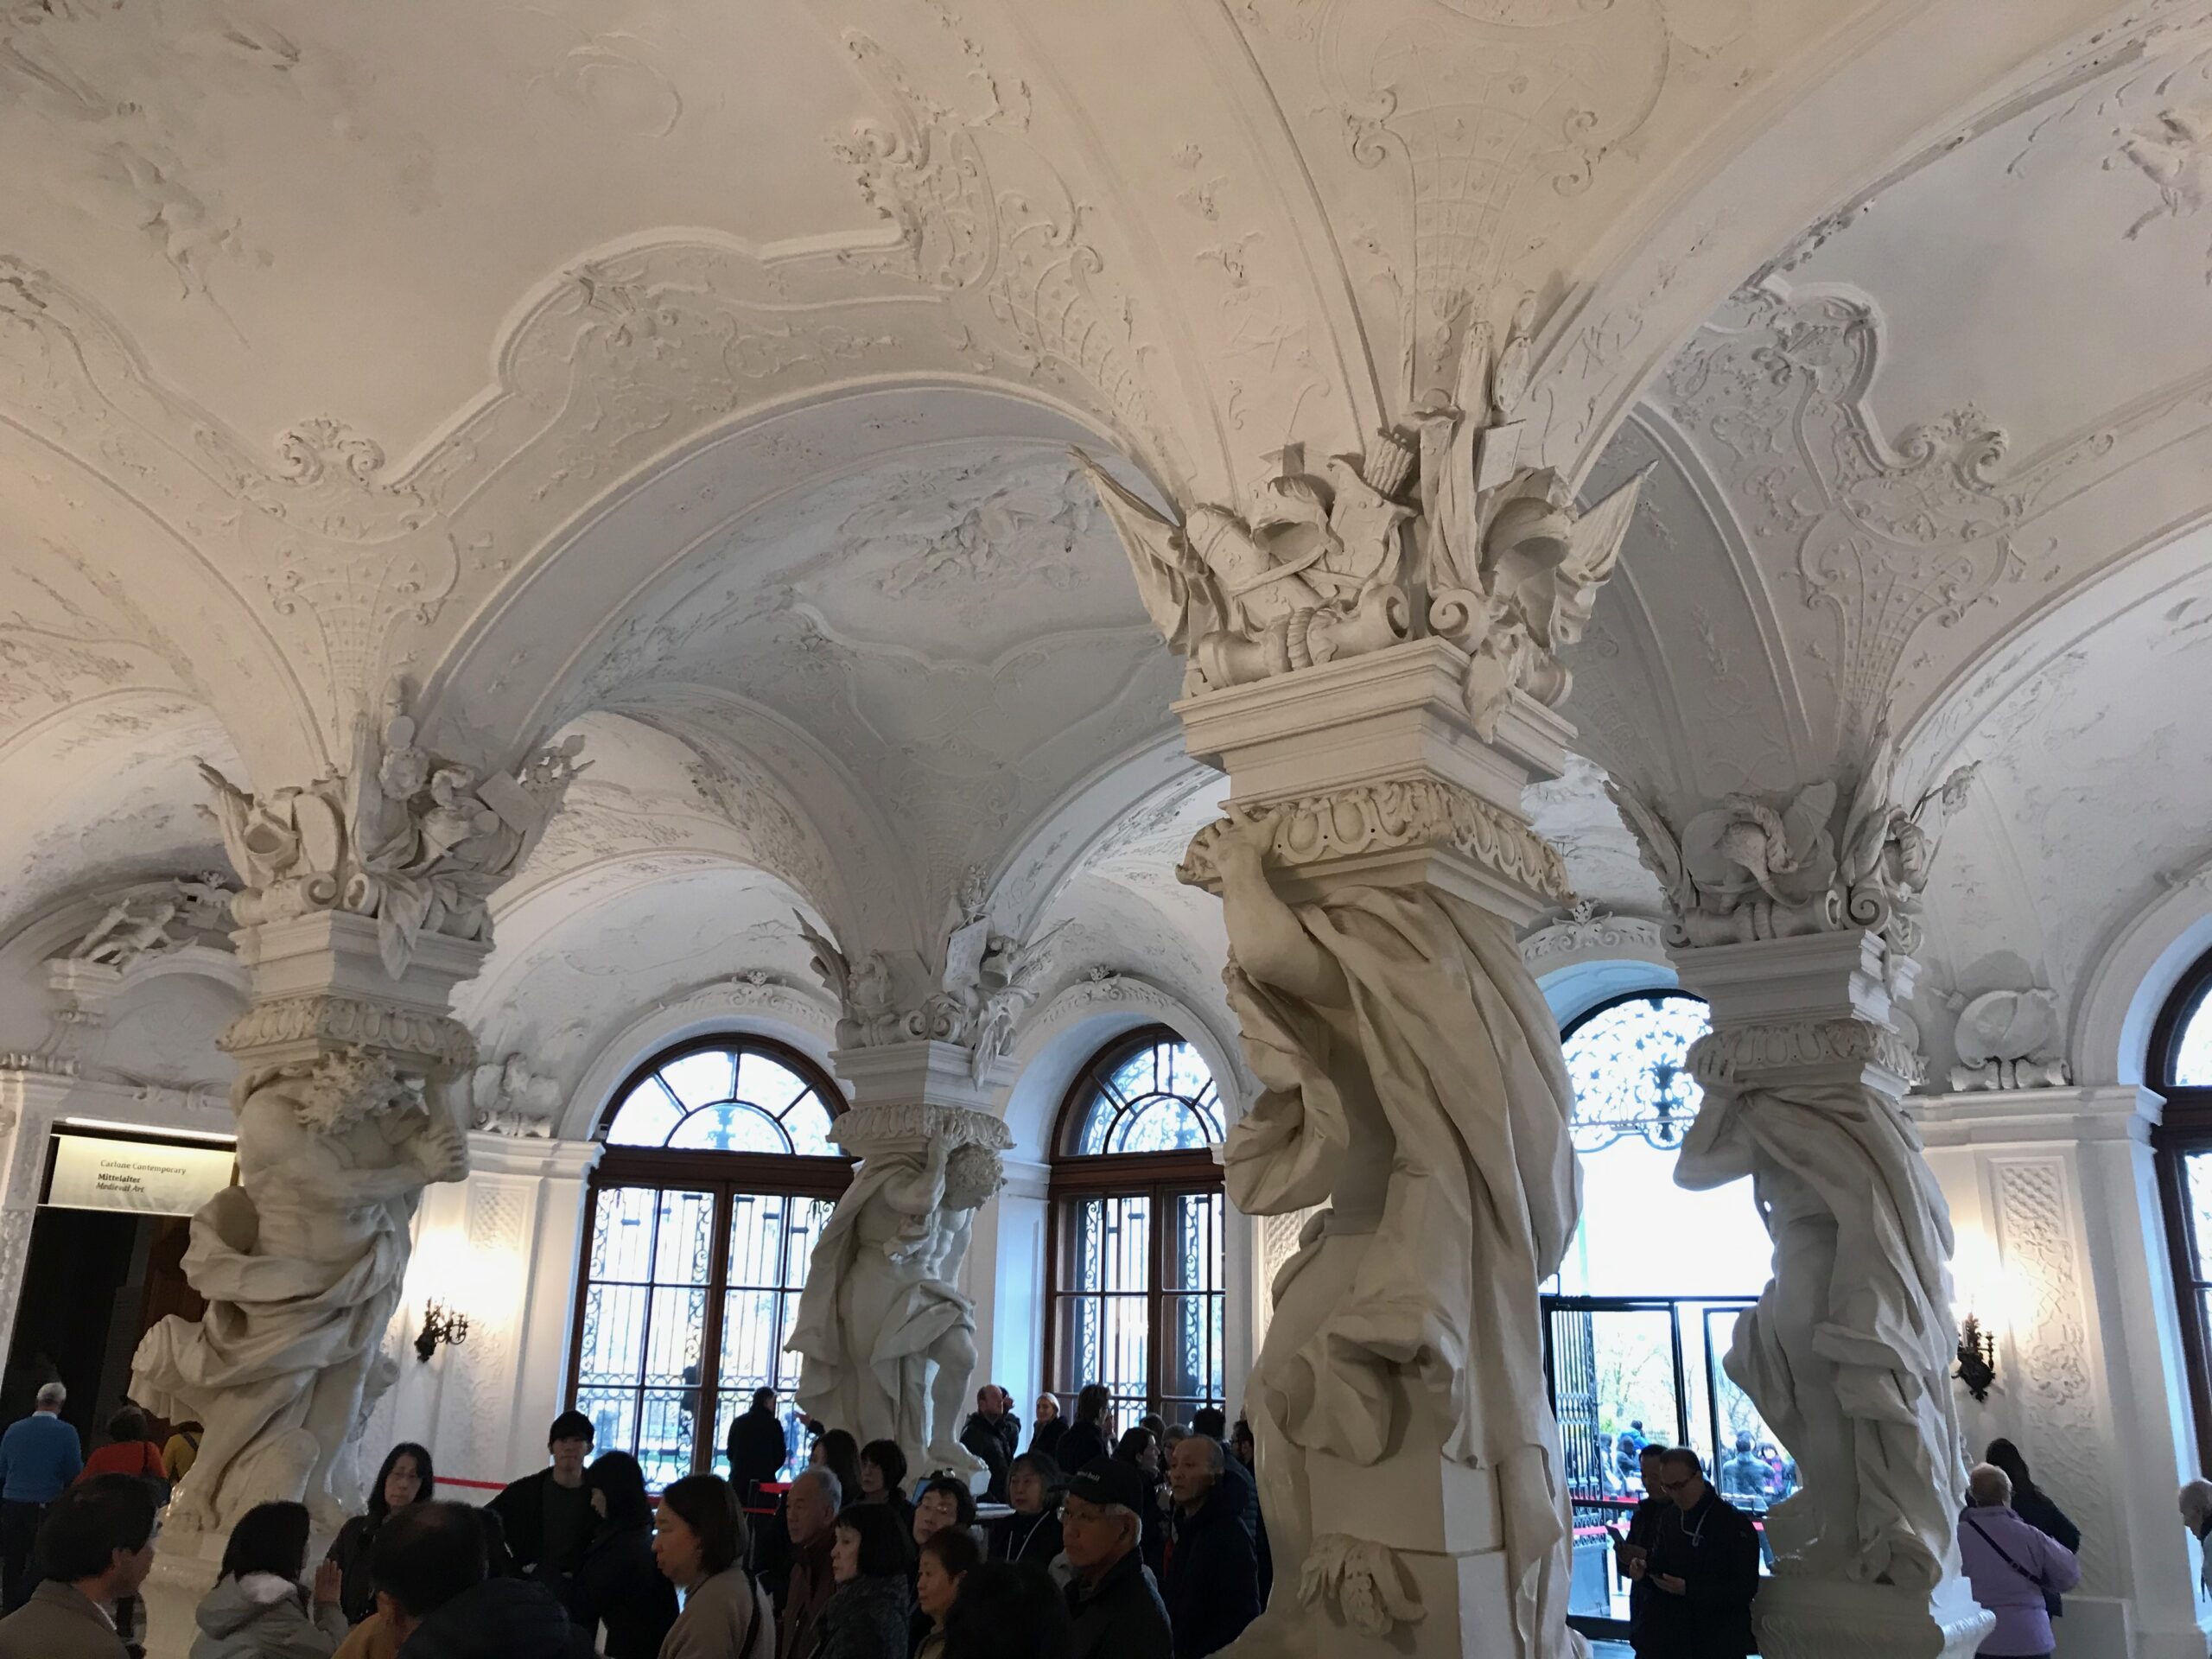 A imagem é o hall de entrada de um museu suportado por pesadas colunas decoradas